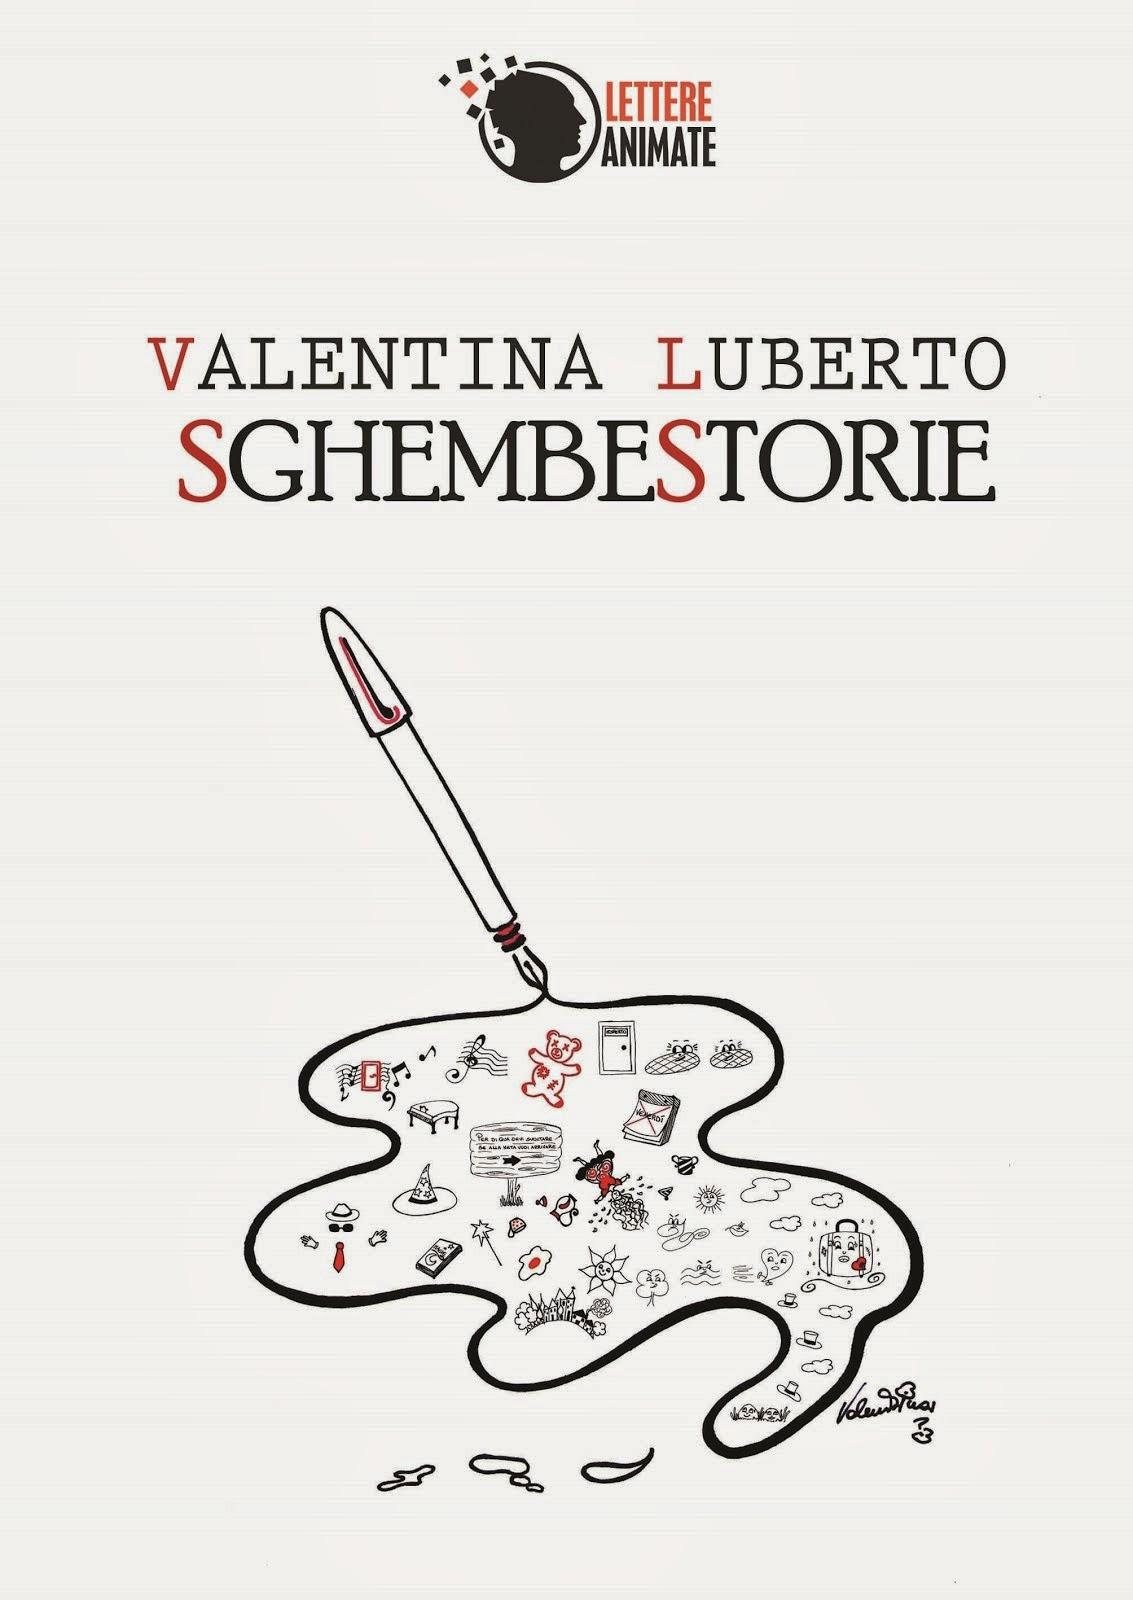 SGHEMBESTORIE, il mio libro primo libro